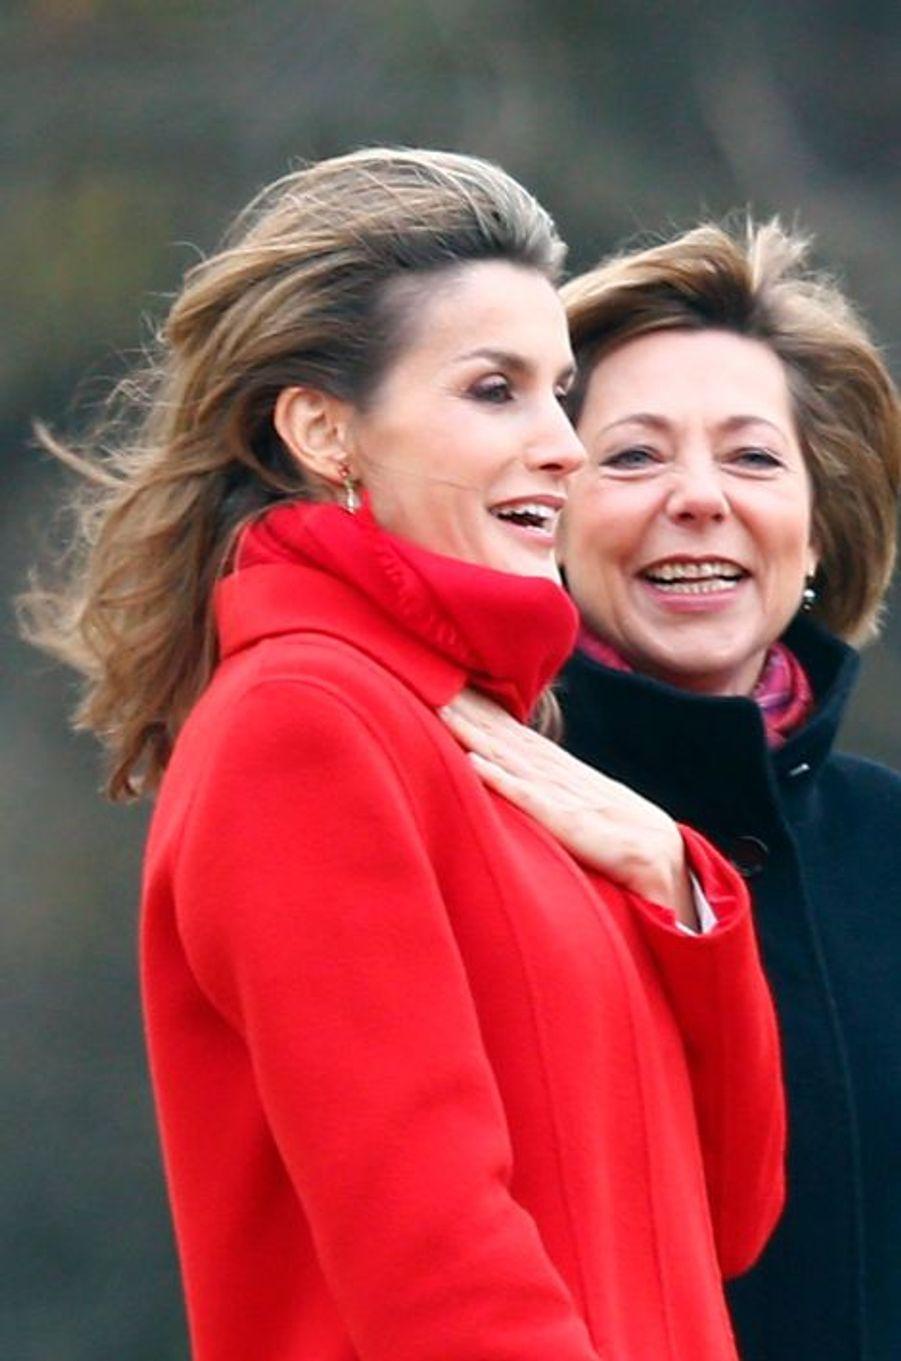 Le reine Letizia d'Espagne et la première dame d'Allemagne Daniela Schadt, à Berlin, le 1er décembre 2014